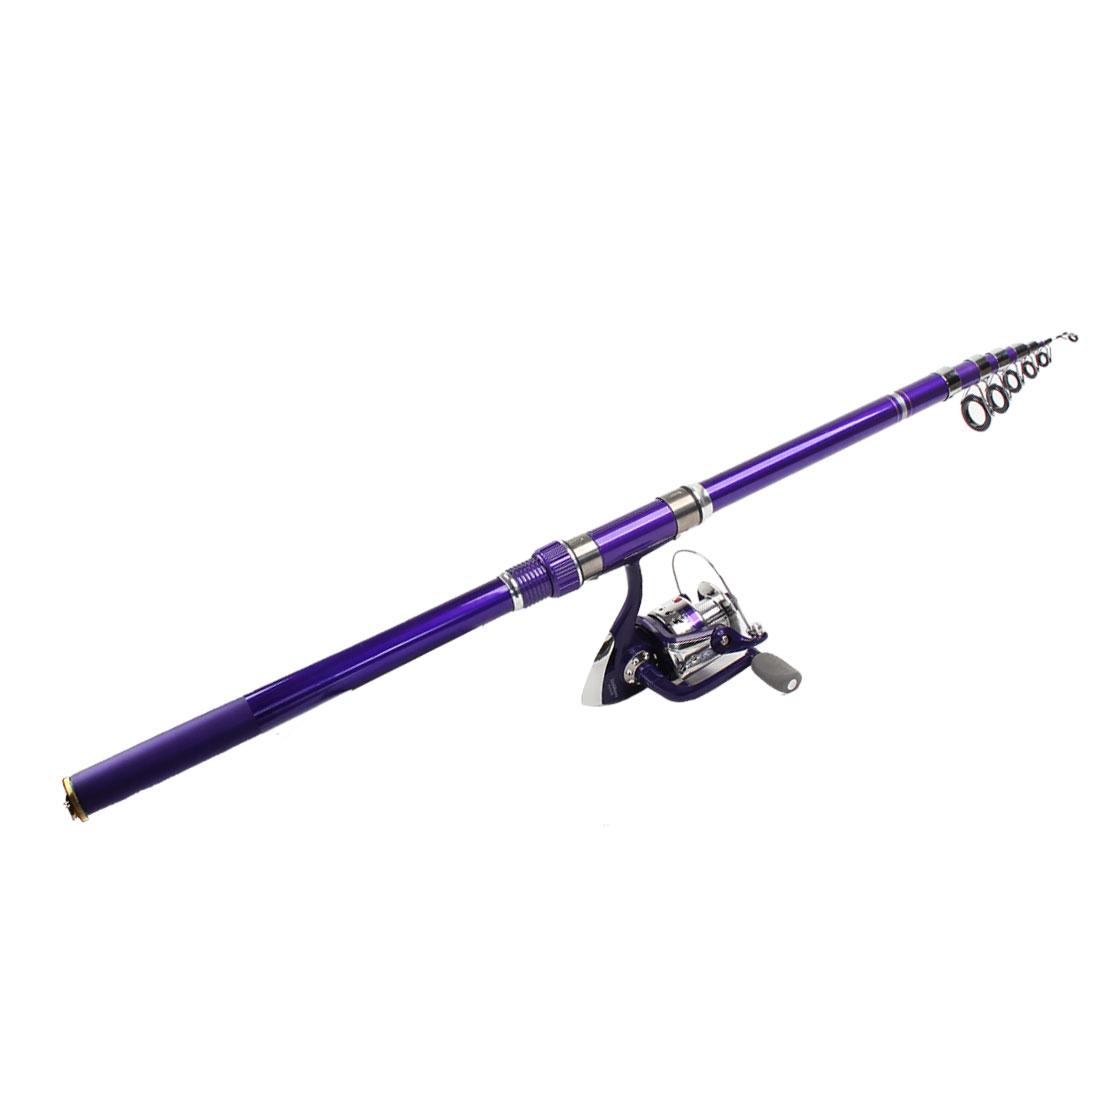 8 in 1 Fishhooks Fish Sinkers Alert Bell Telescopic Fishing Pole Rod Purple Set